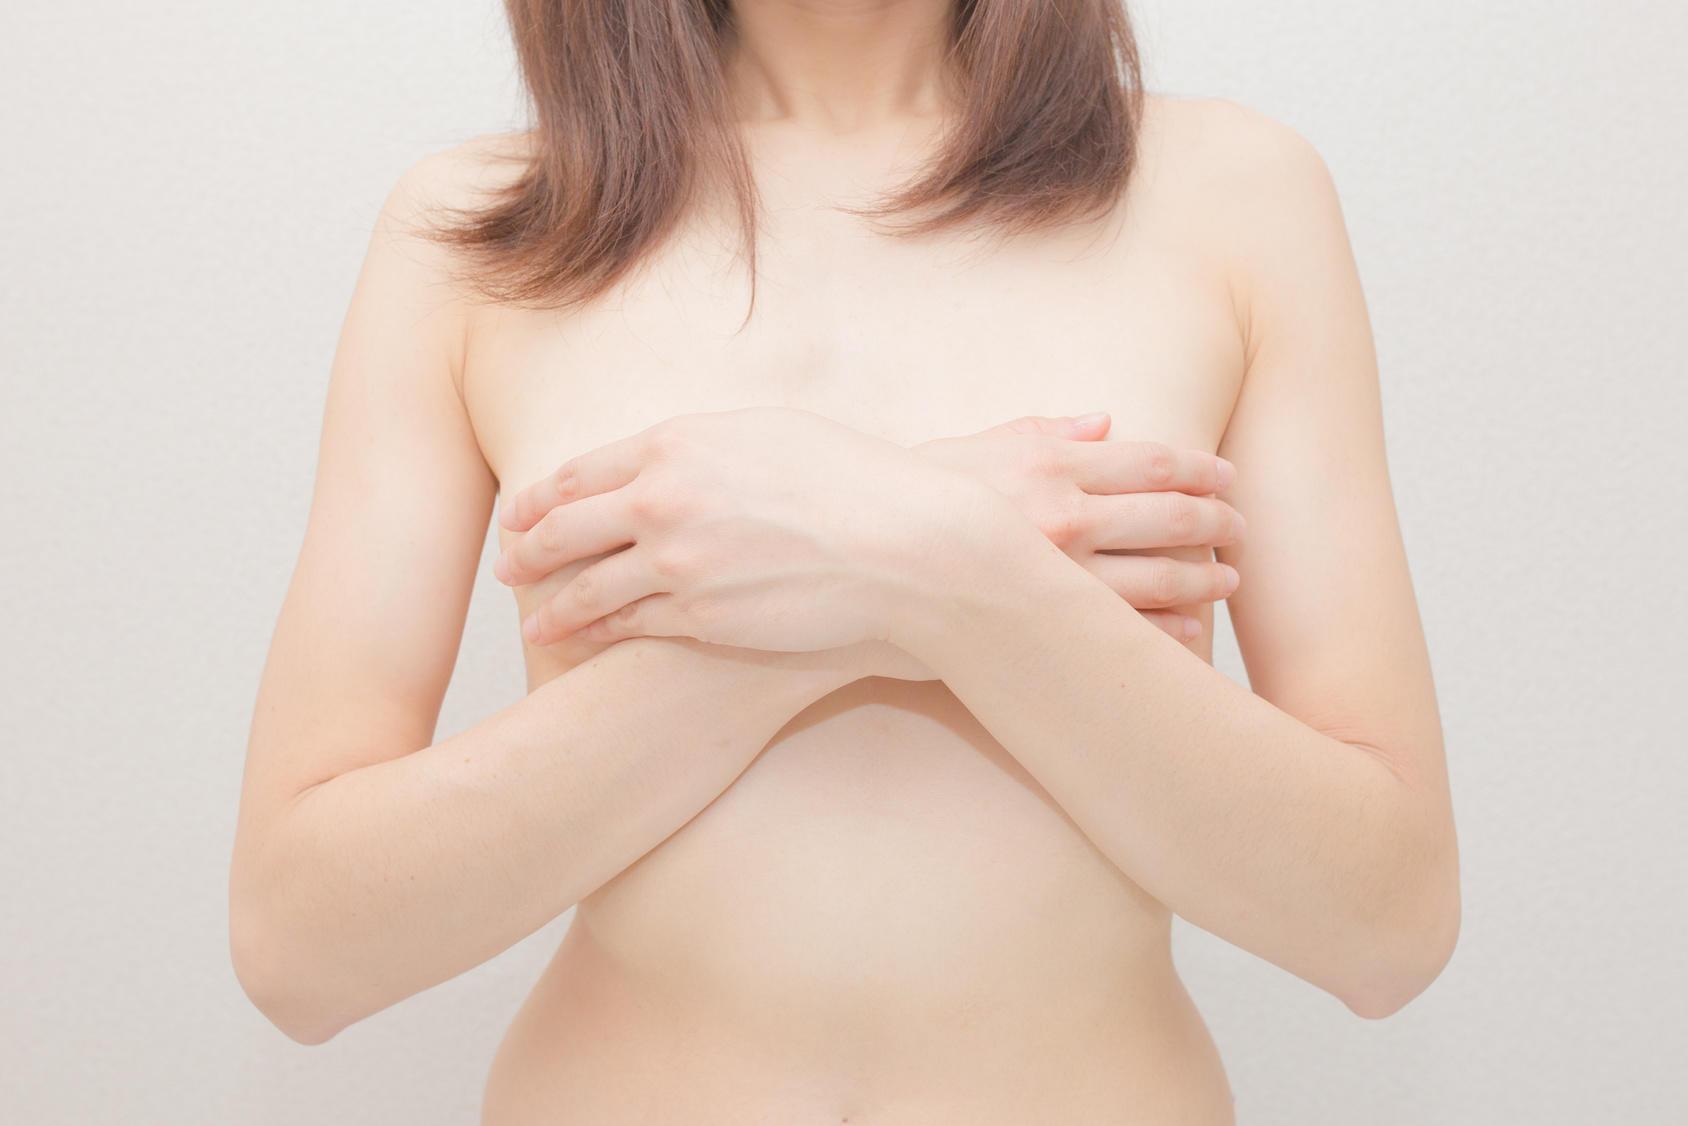 母乳だけにこだわらない授乳の支援を―厚労省が「授乳・離乳の支援ガイド」を改定